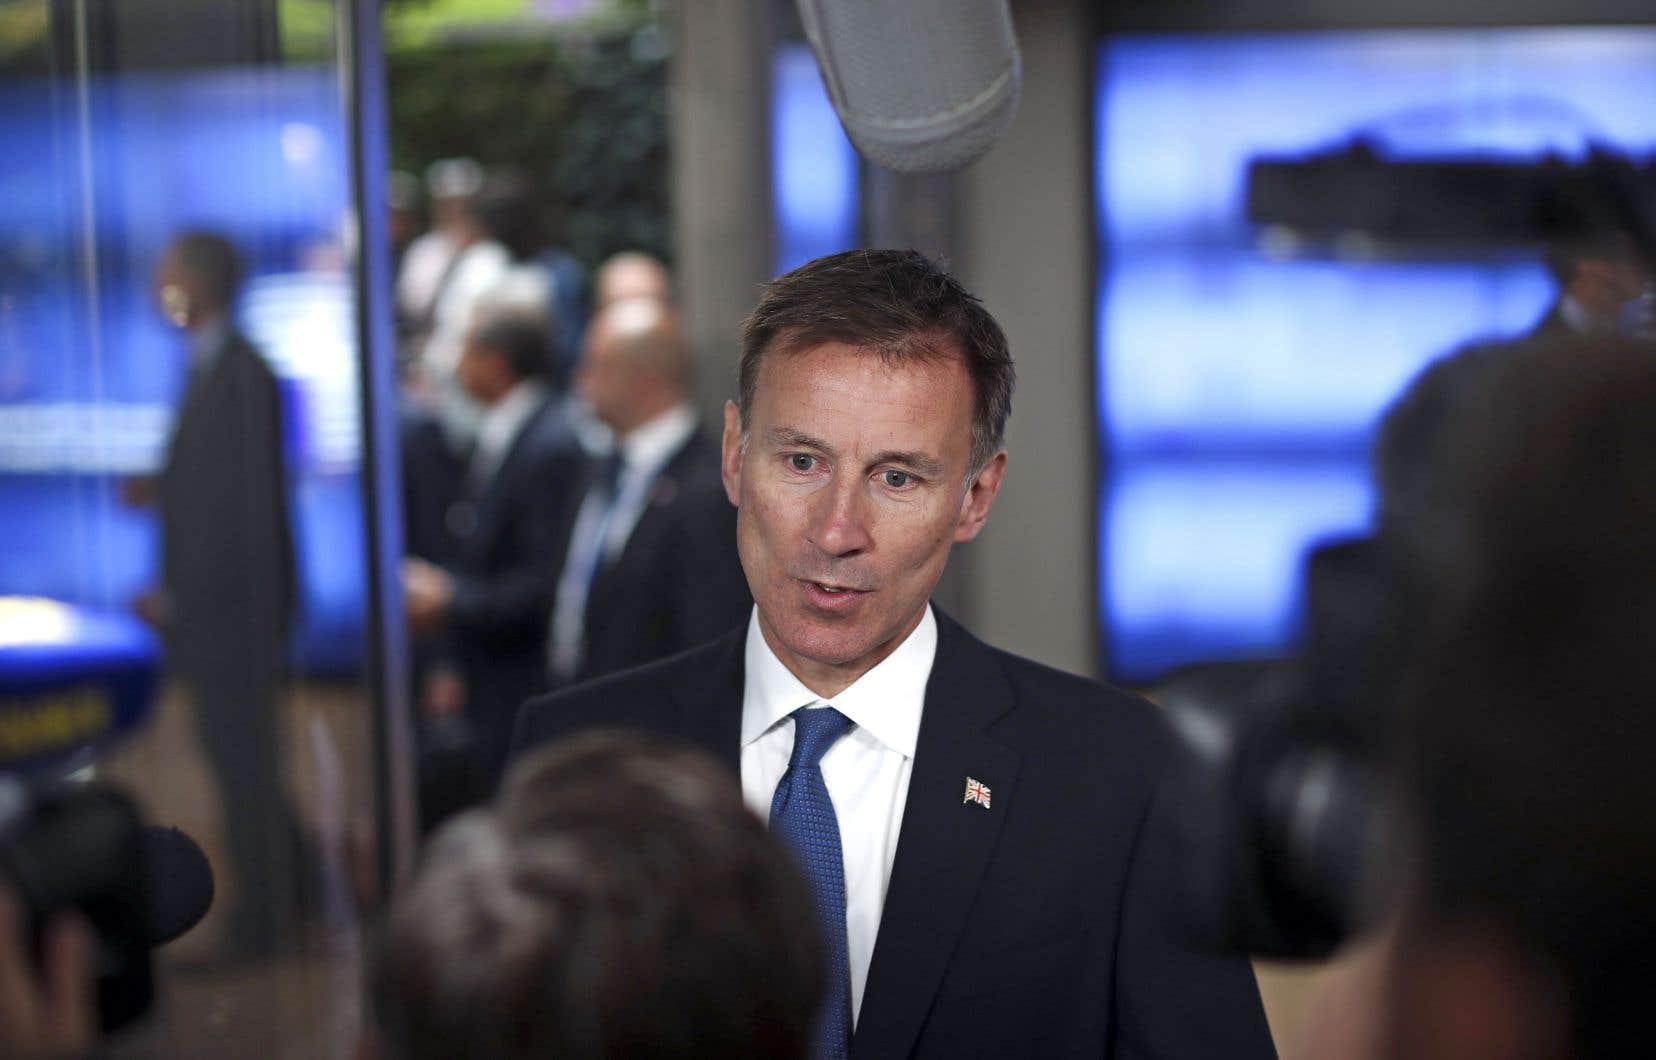 «L'accord n'est pas encore mort», a affirmé le chef de la diplomatie britannique, Jeremy Hunt, à son arrivée pour une réunion avec ses homologues de l'Union européenne.